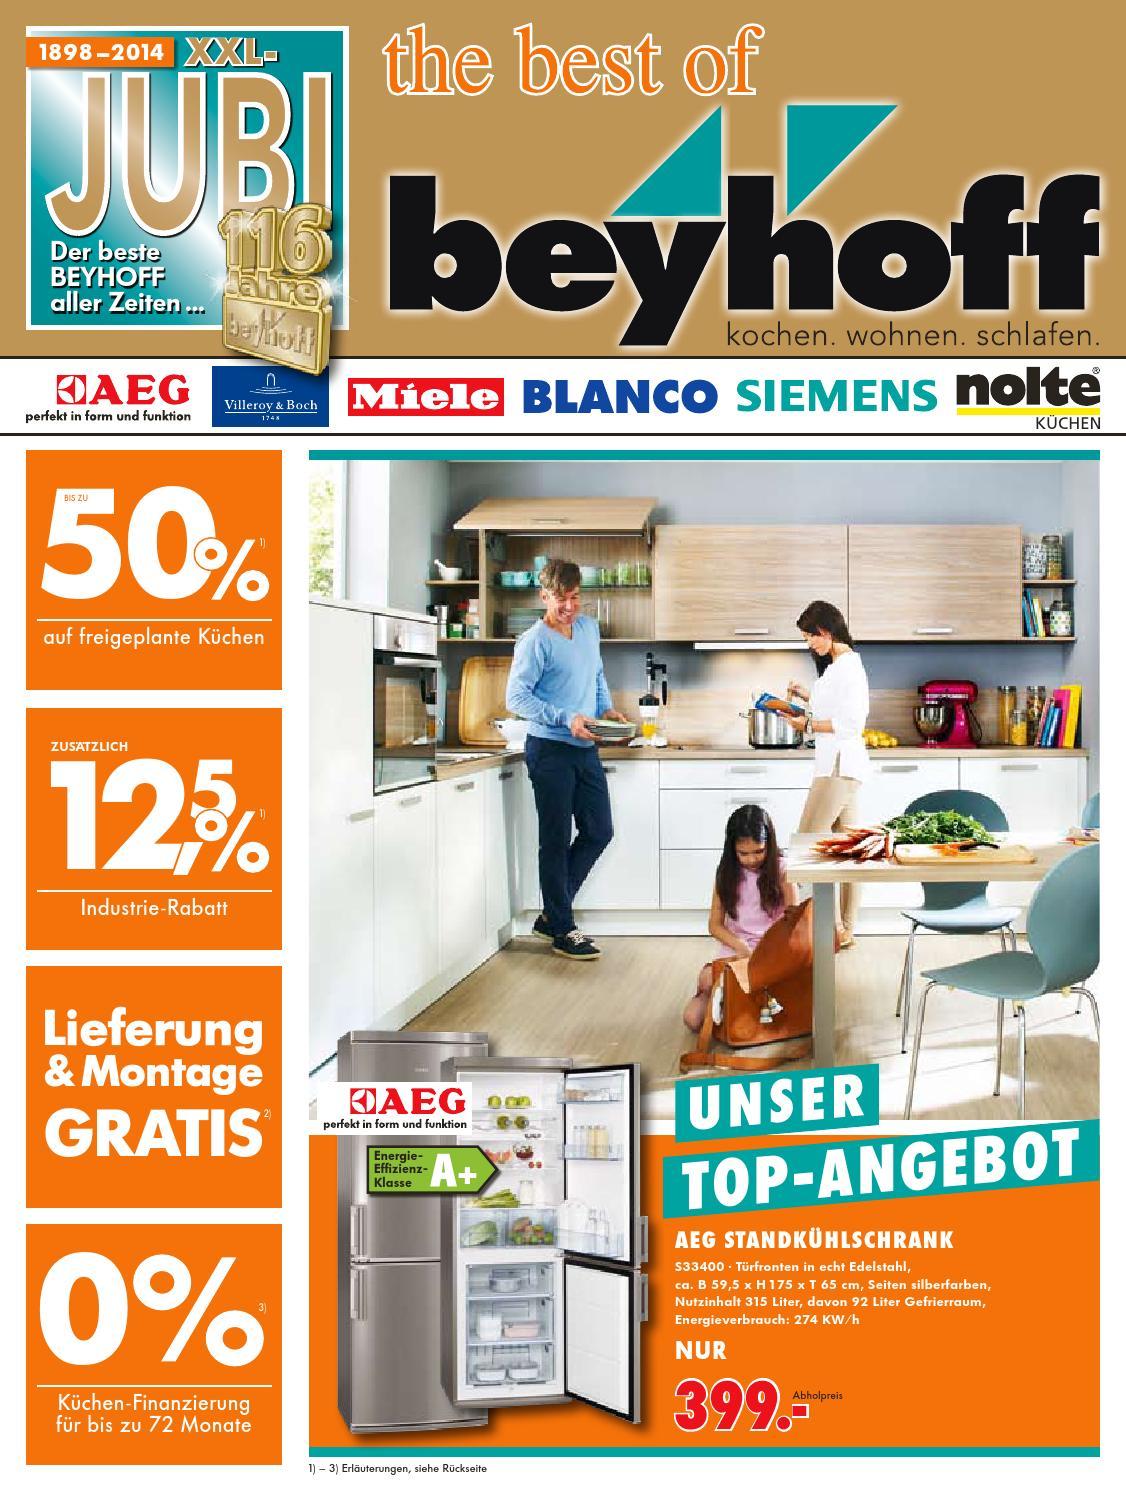 Möbel Beyhoff - The best of Küchen 3 by Möbel Beyhoff GmbH Beyhoff ...